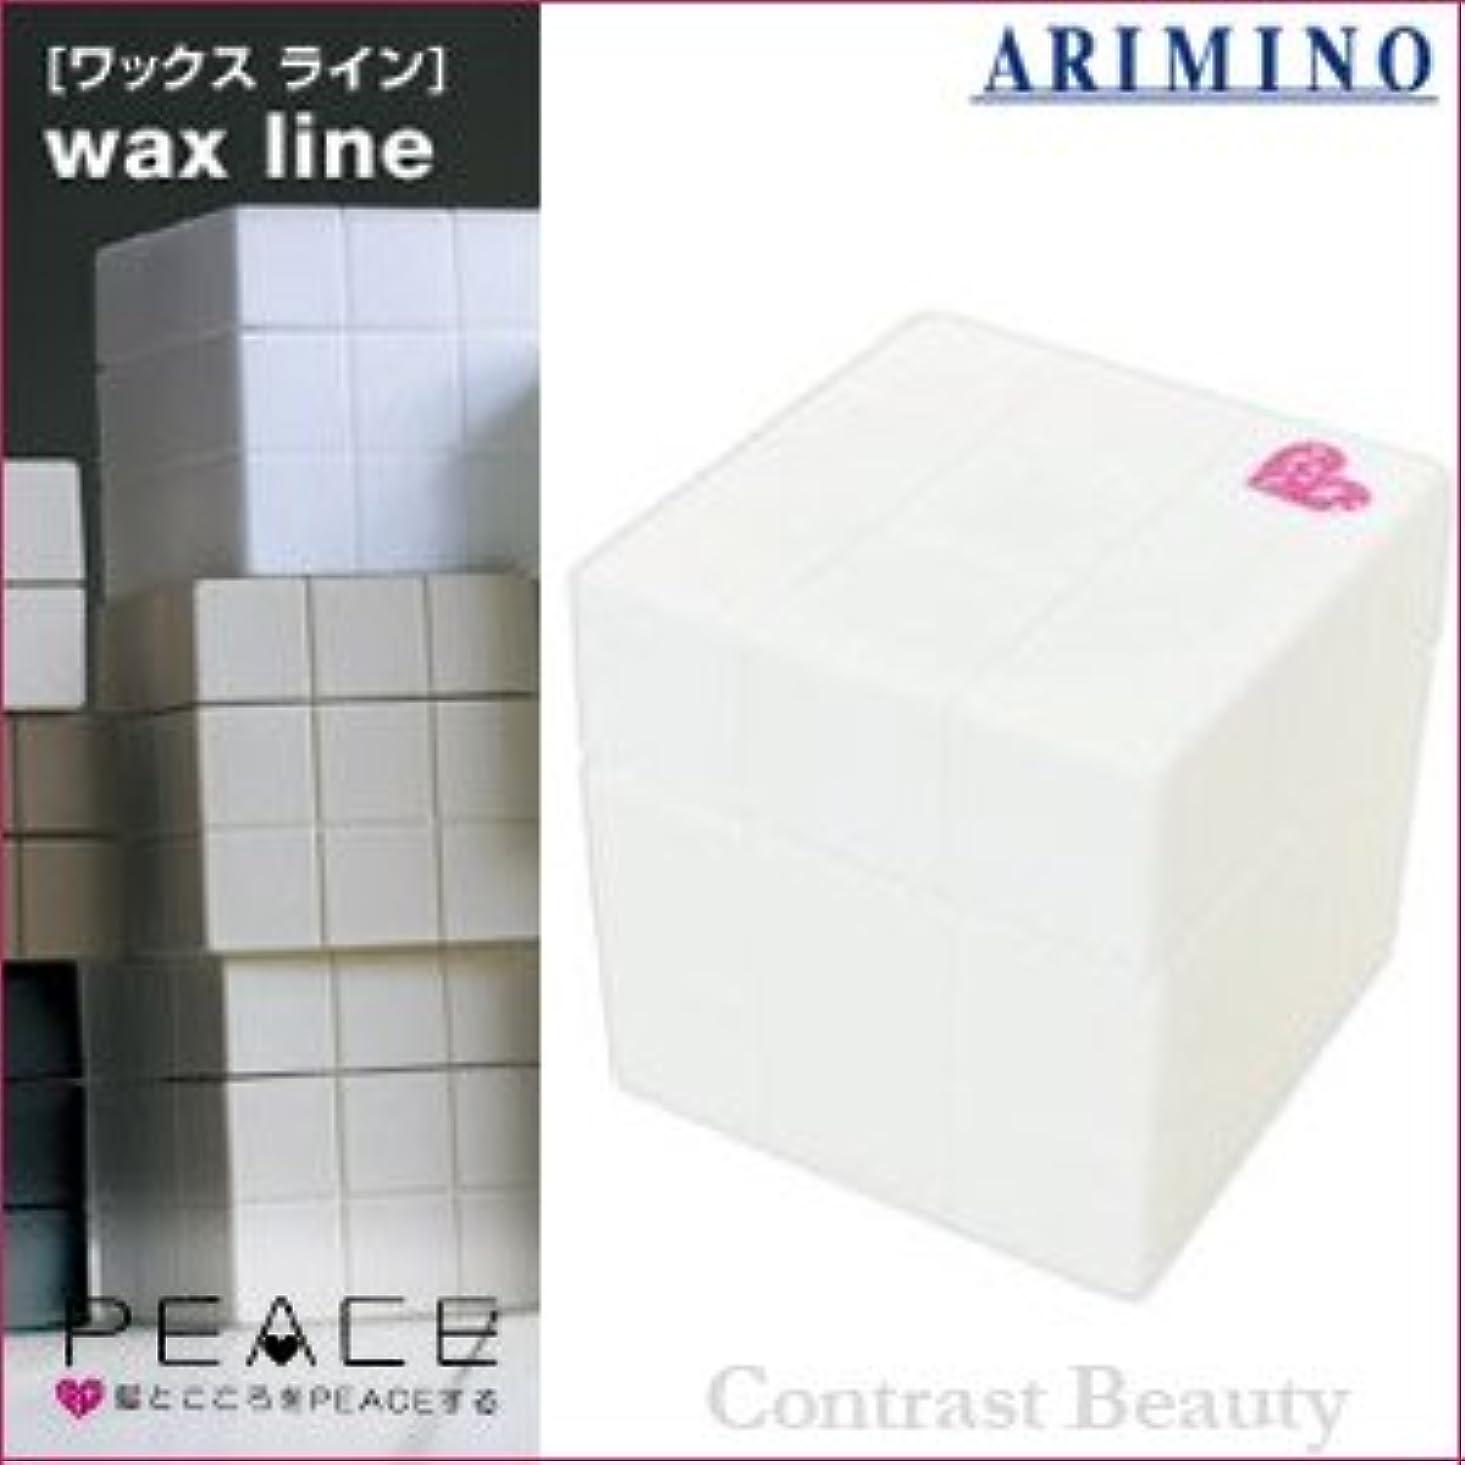 領事館乙女温度計【X5個セット】 アリミノ ピース プロデザインシリーズ グロスワックス ホワイト 80g ARIMINO